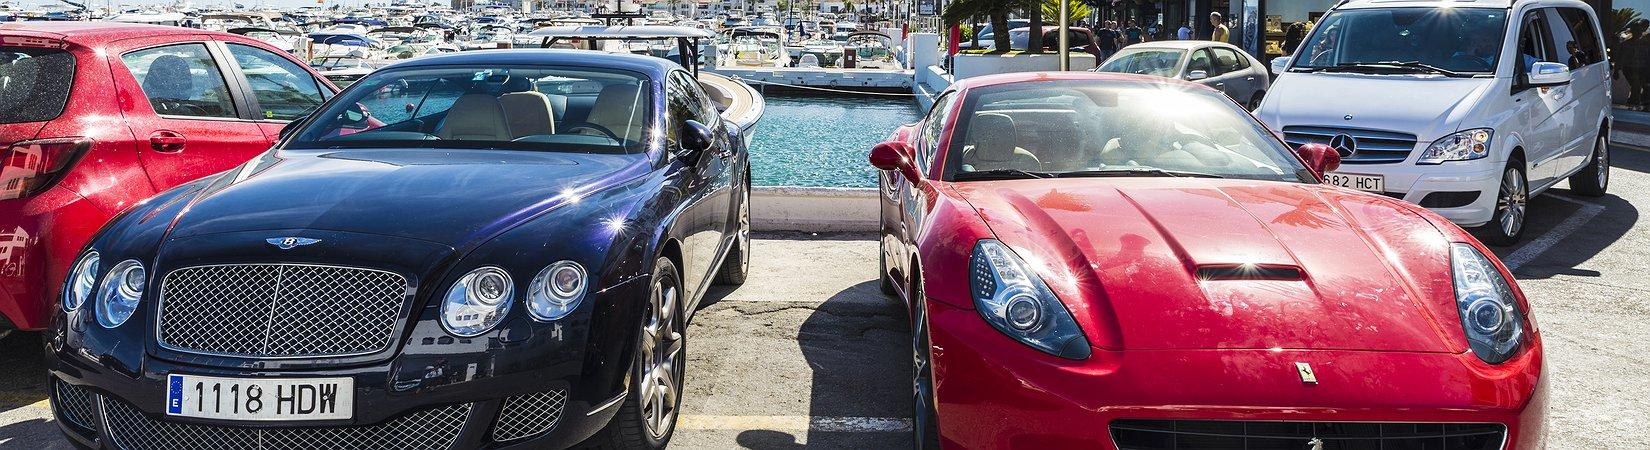 Il mercato delle auto di lusso accelera grazie all'effetto Trump